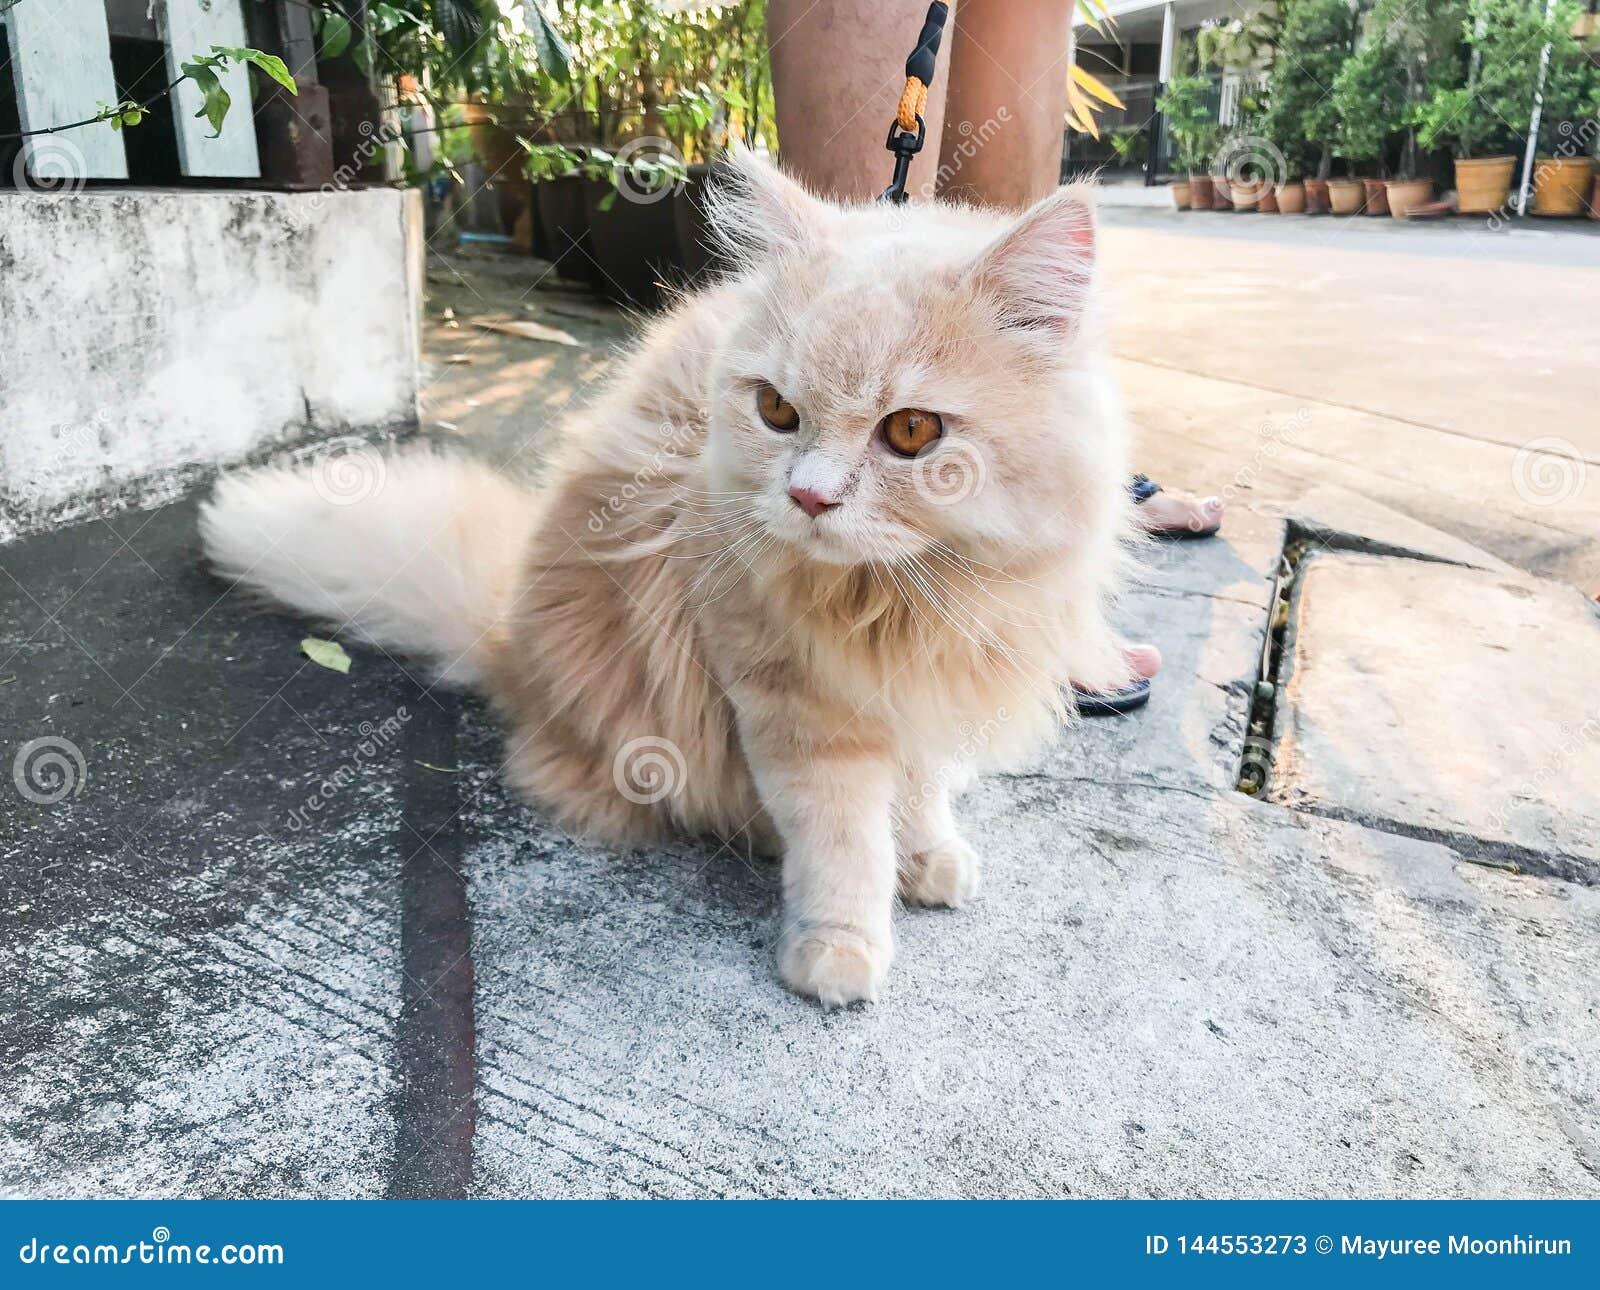 Gato persa alaranjado engraçado bonito na estrada concreta para andar com proprietário